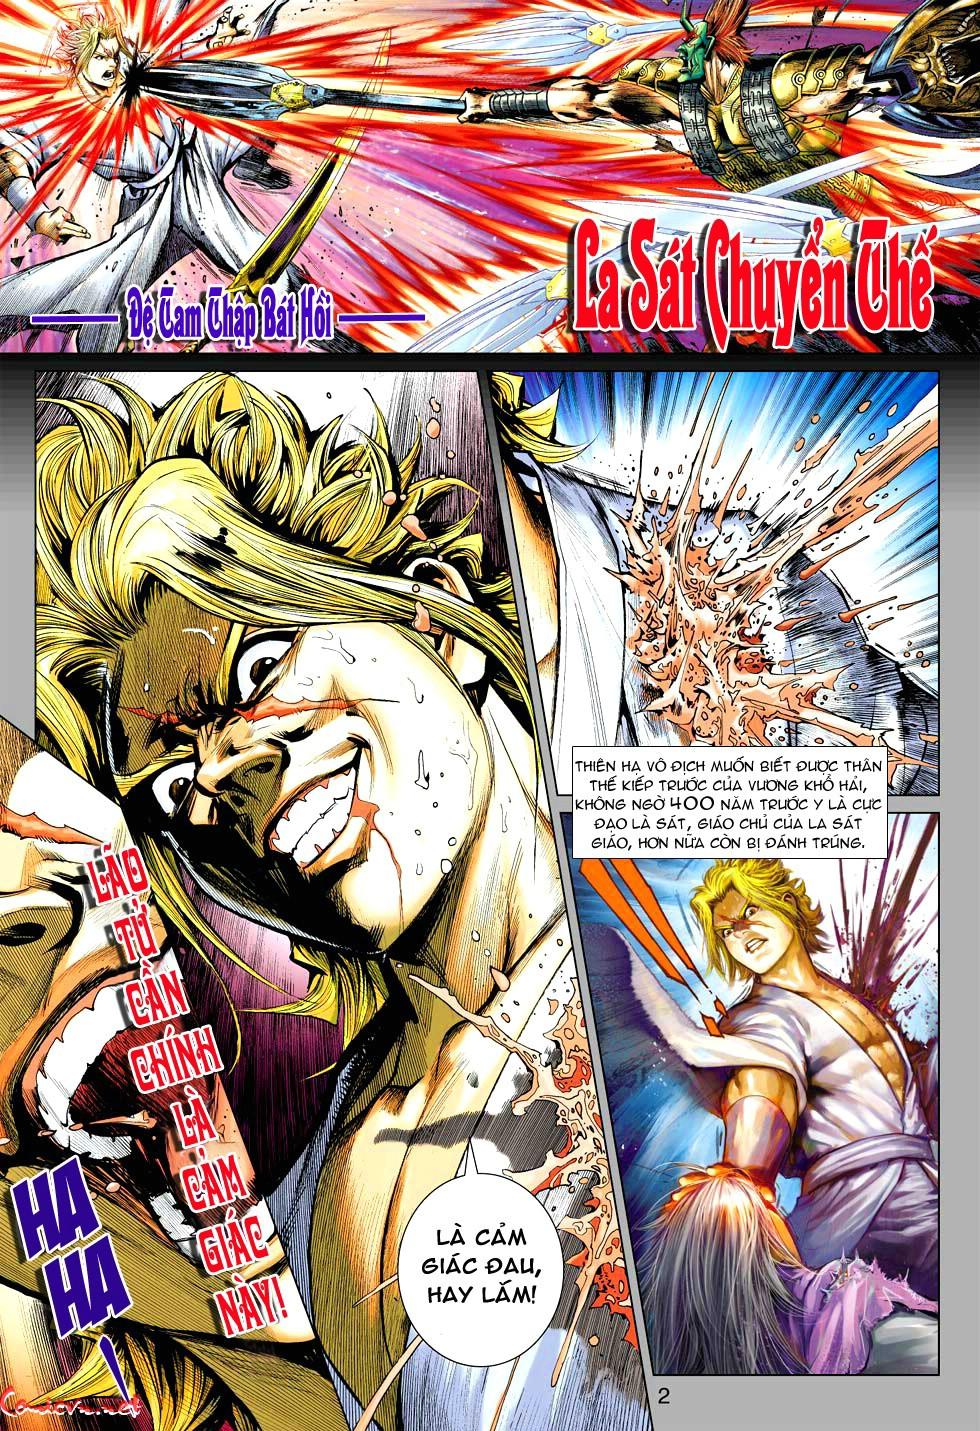 Vương Phong Lôi 1 chap 38 - Trang 2